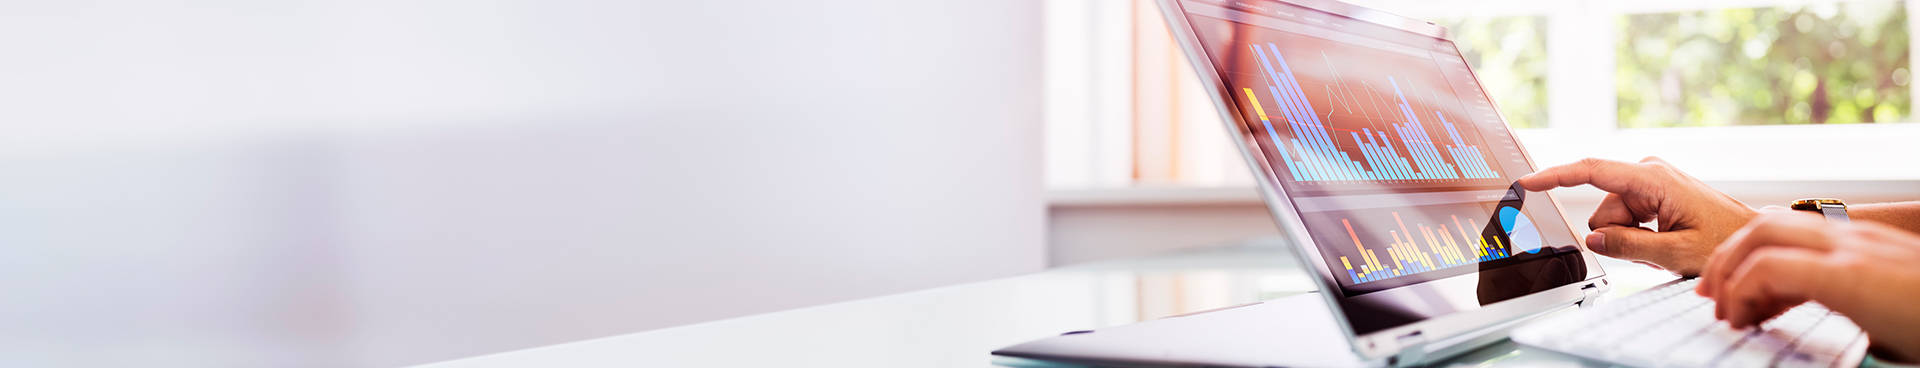 Ecommerce, KPIs, viendo datos en un portátil en un despacho blanco